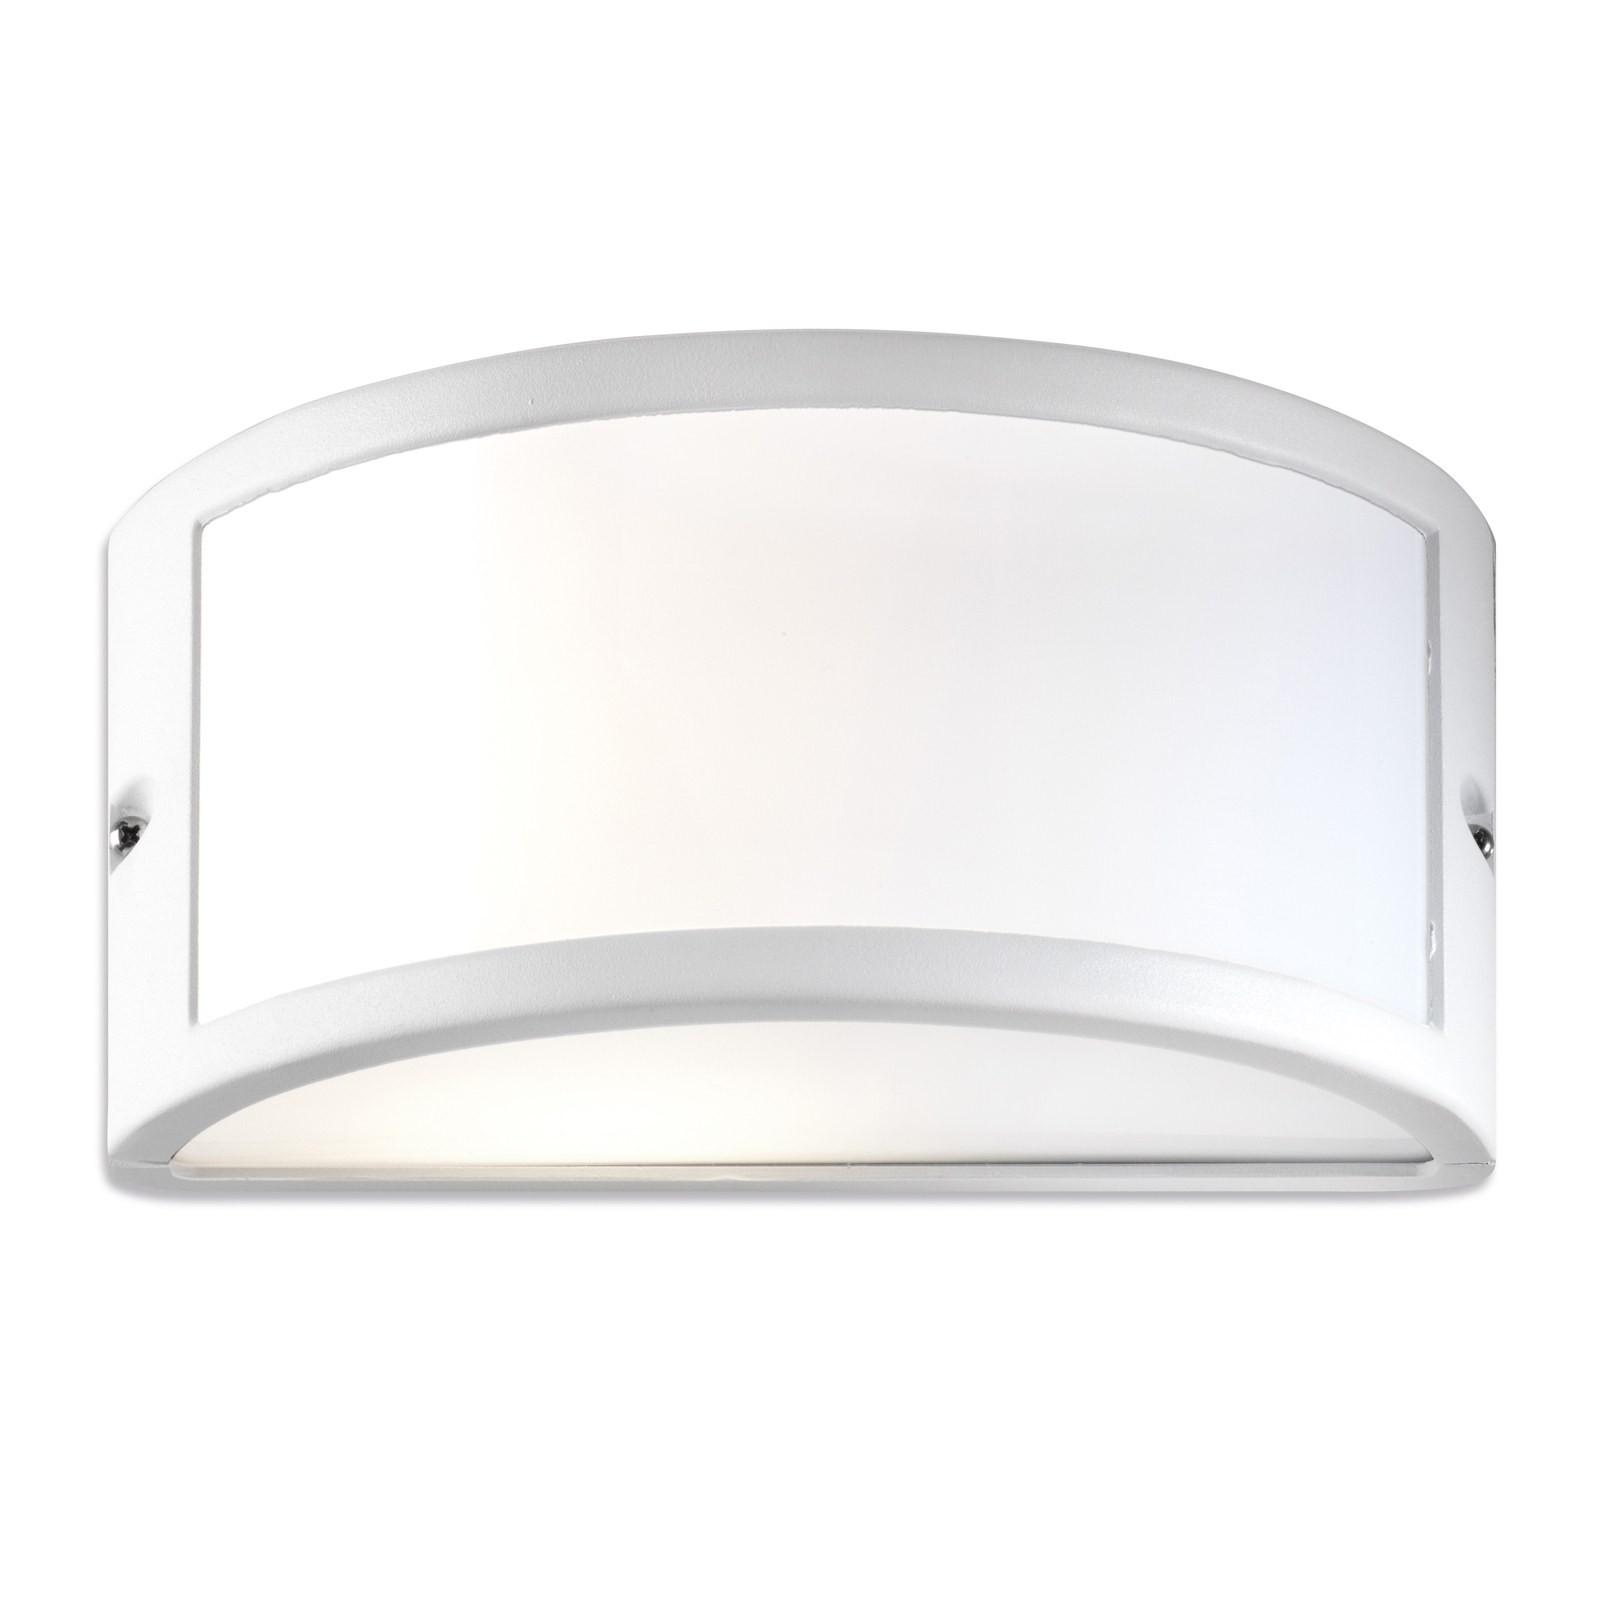 Applique lampada da parete per esterno moderno - Plafoniere da esterno moderne ...